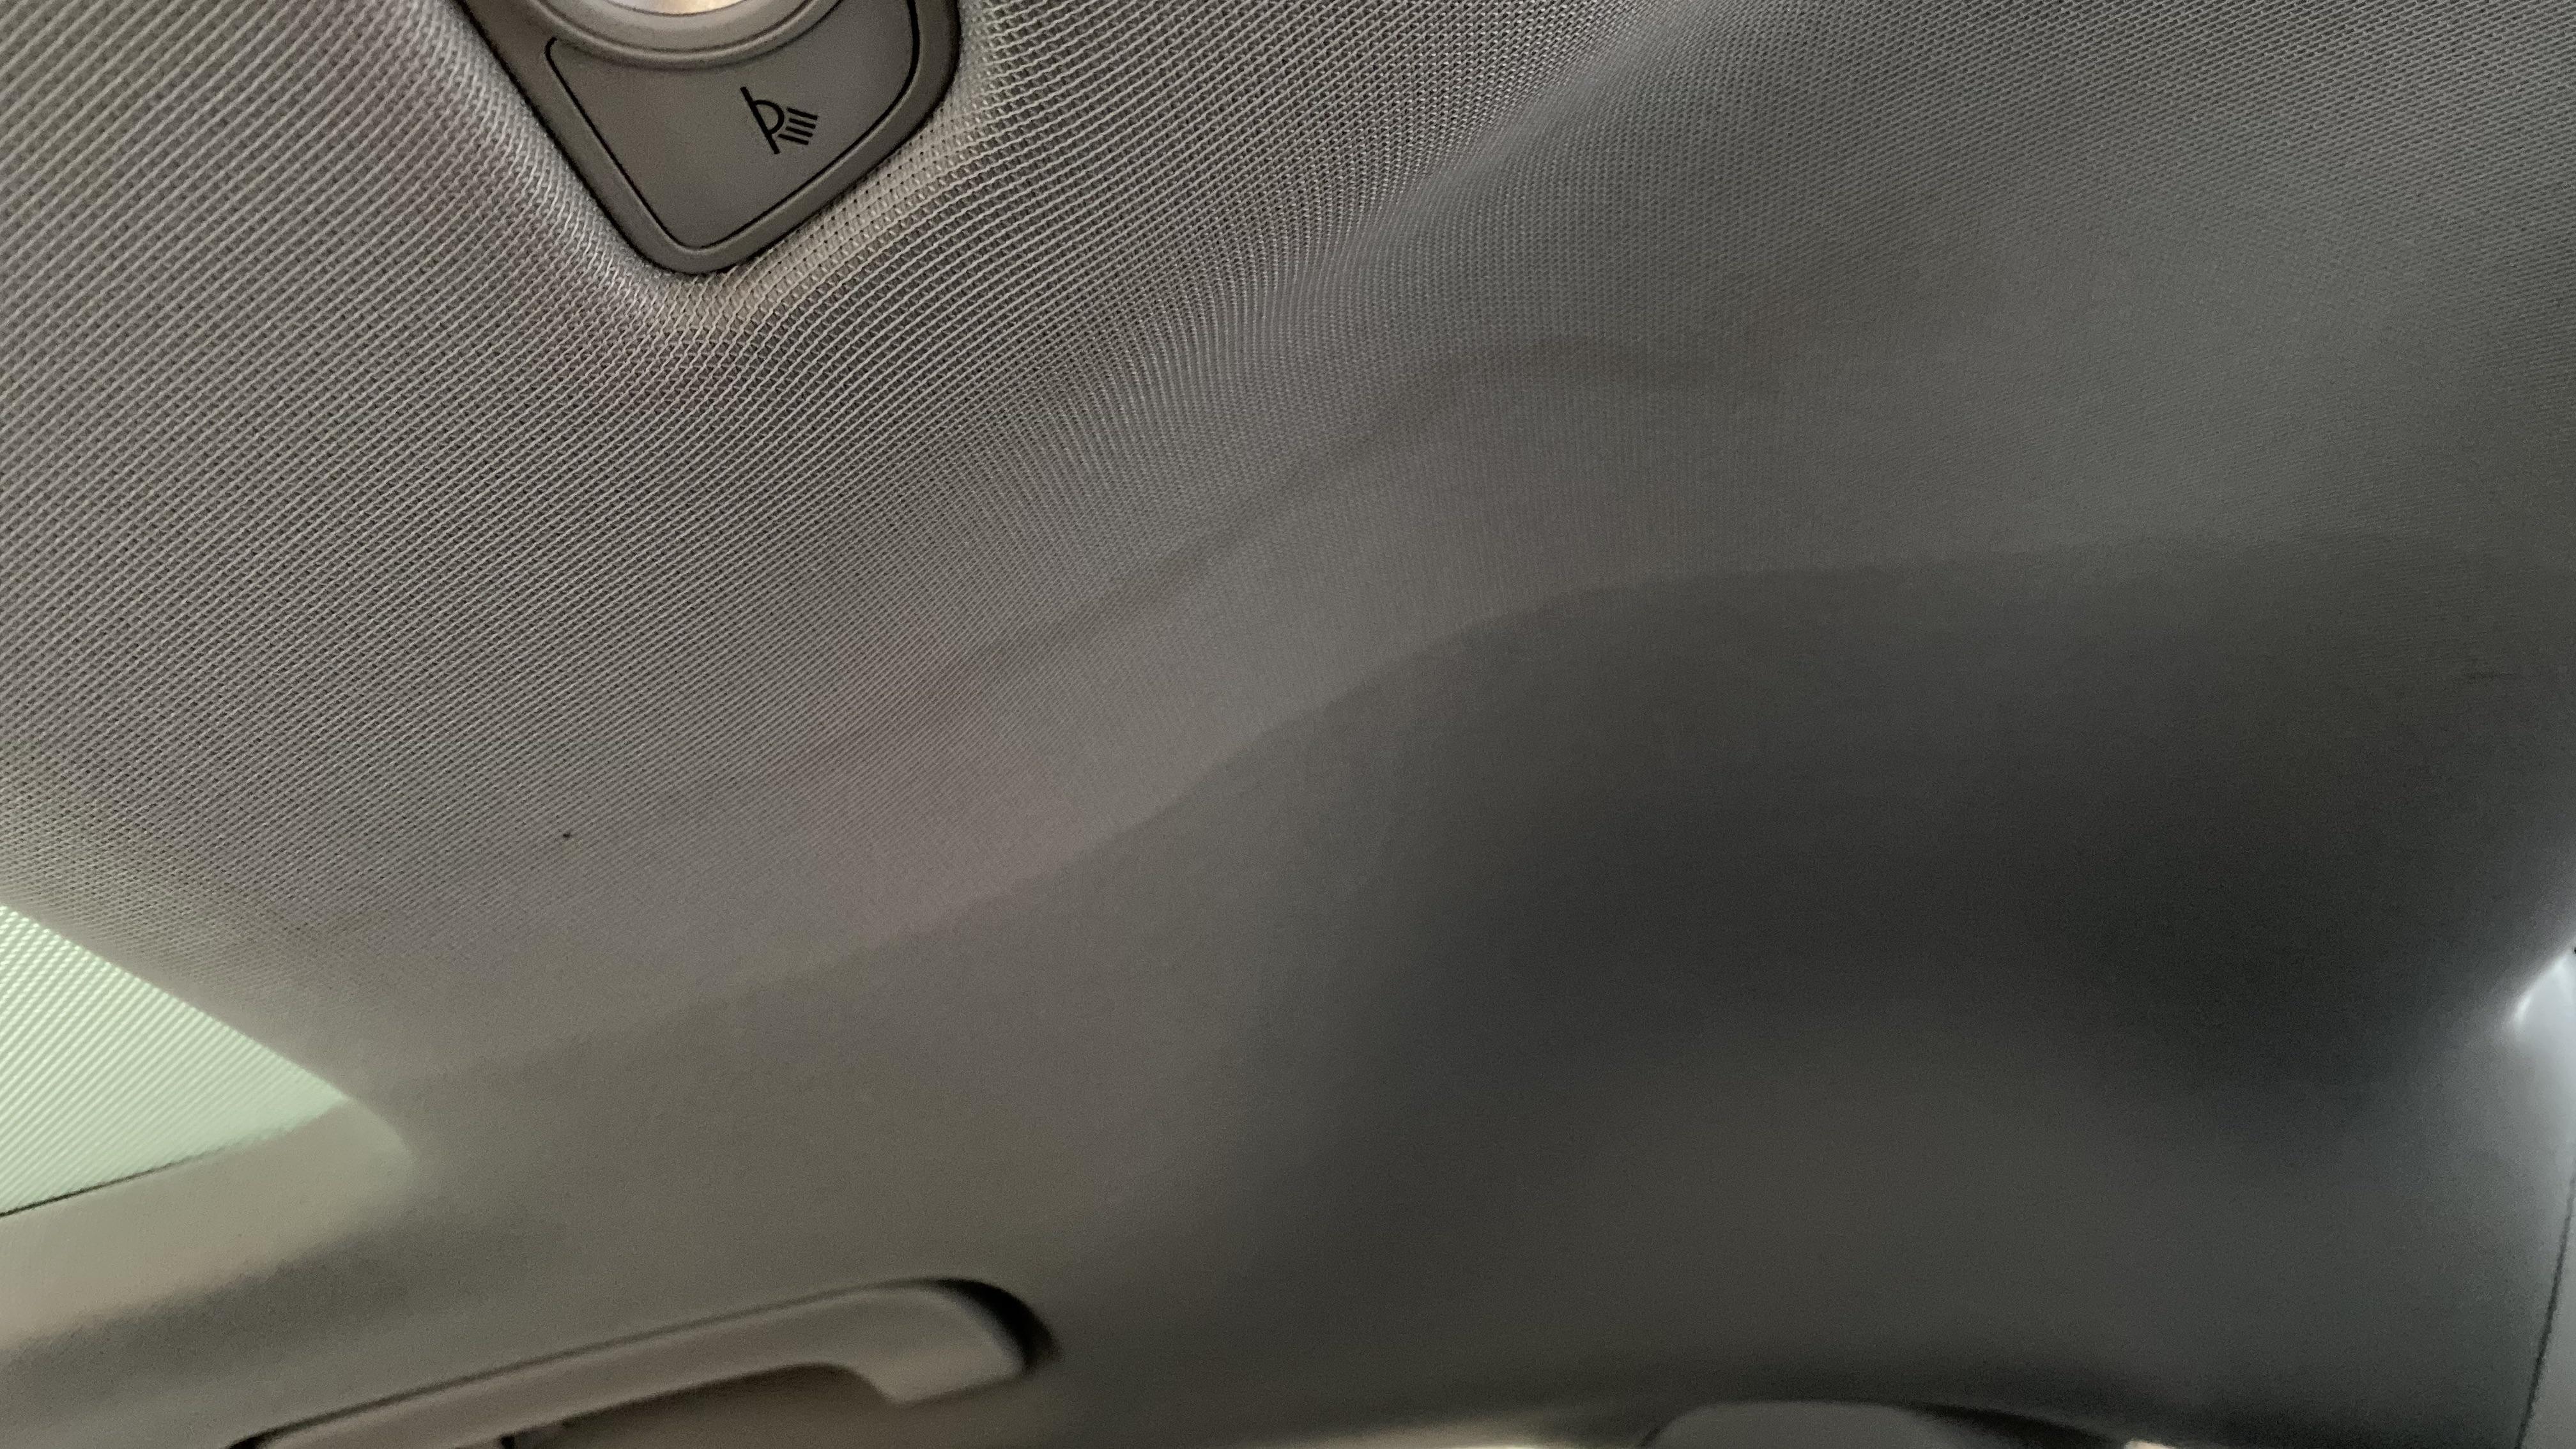 奥迪-奥迪础4尝 99XXXX开心天窗漏水,造成顶棚脏污